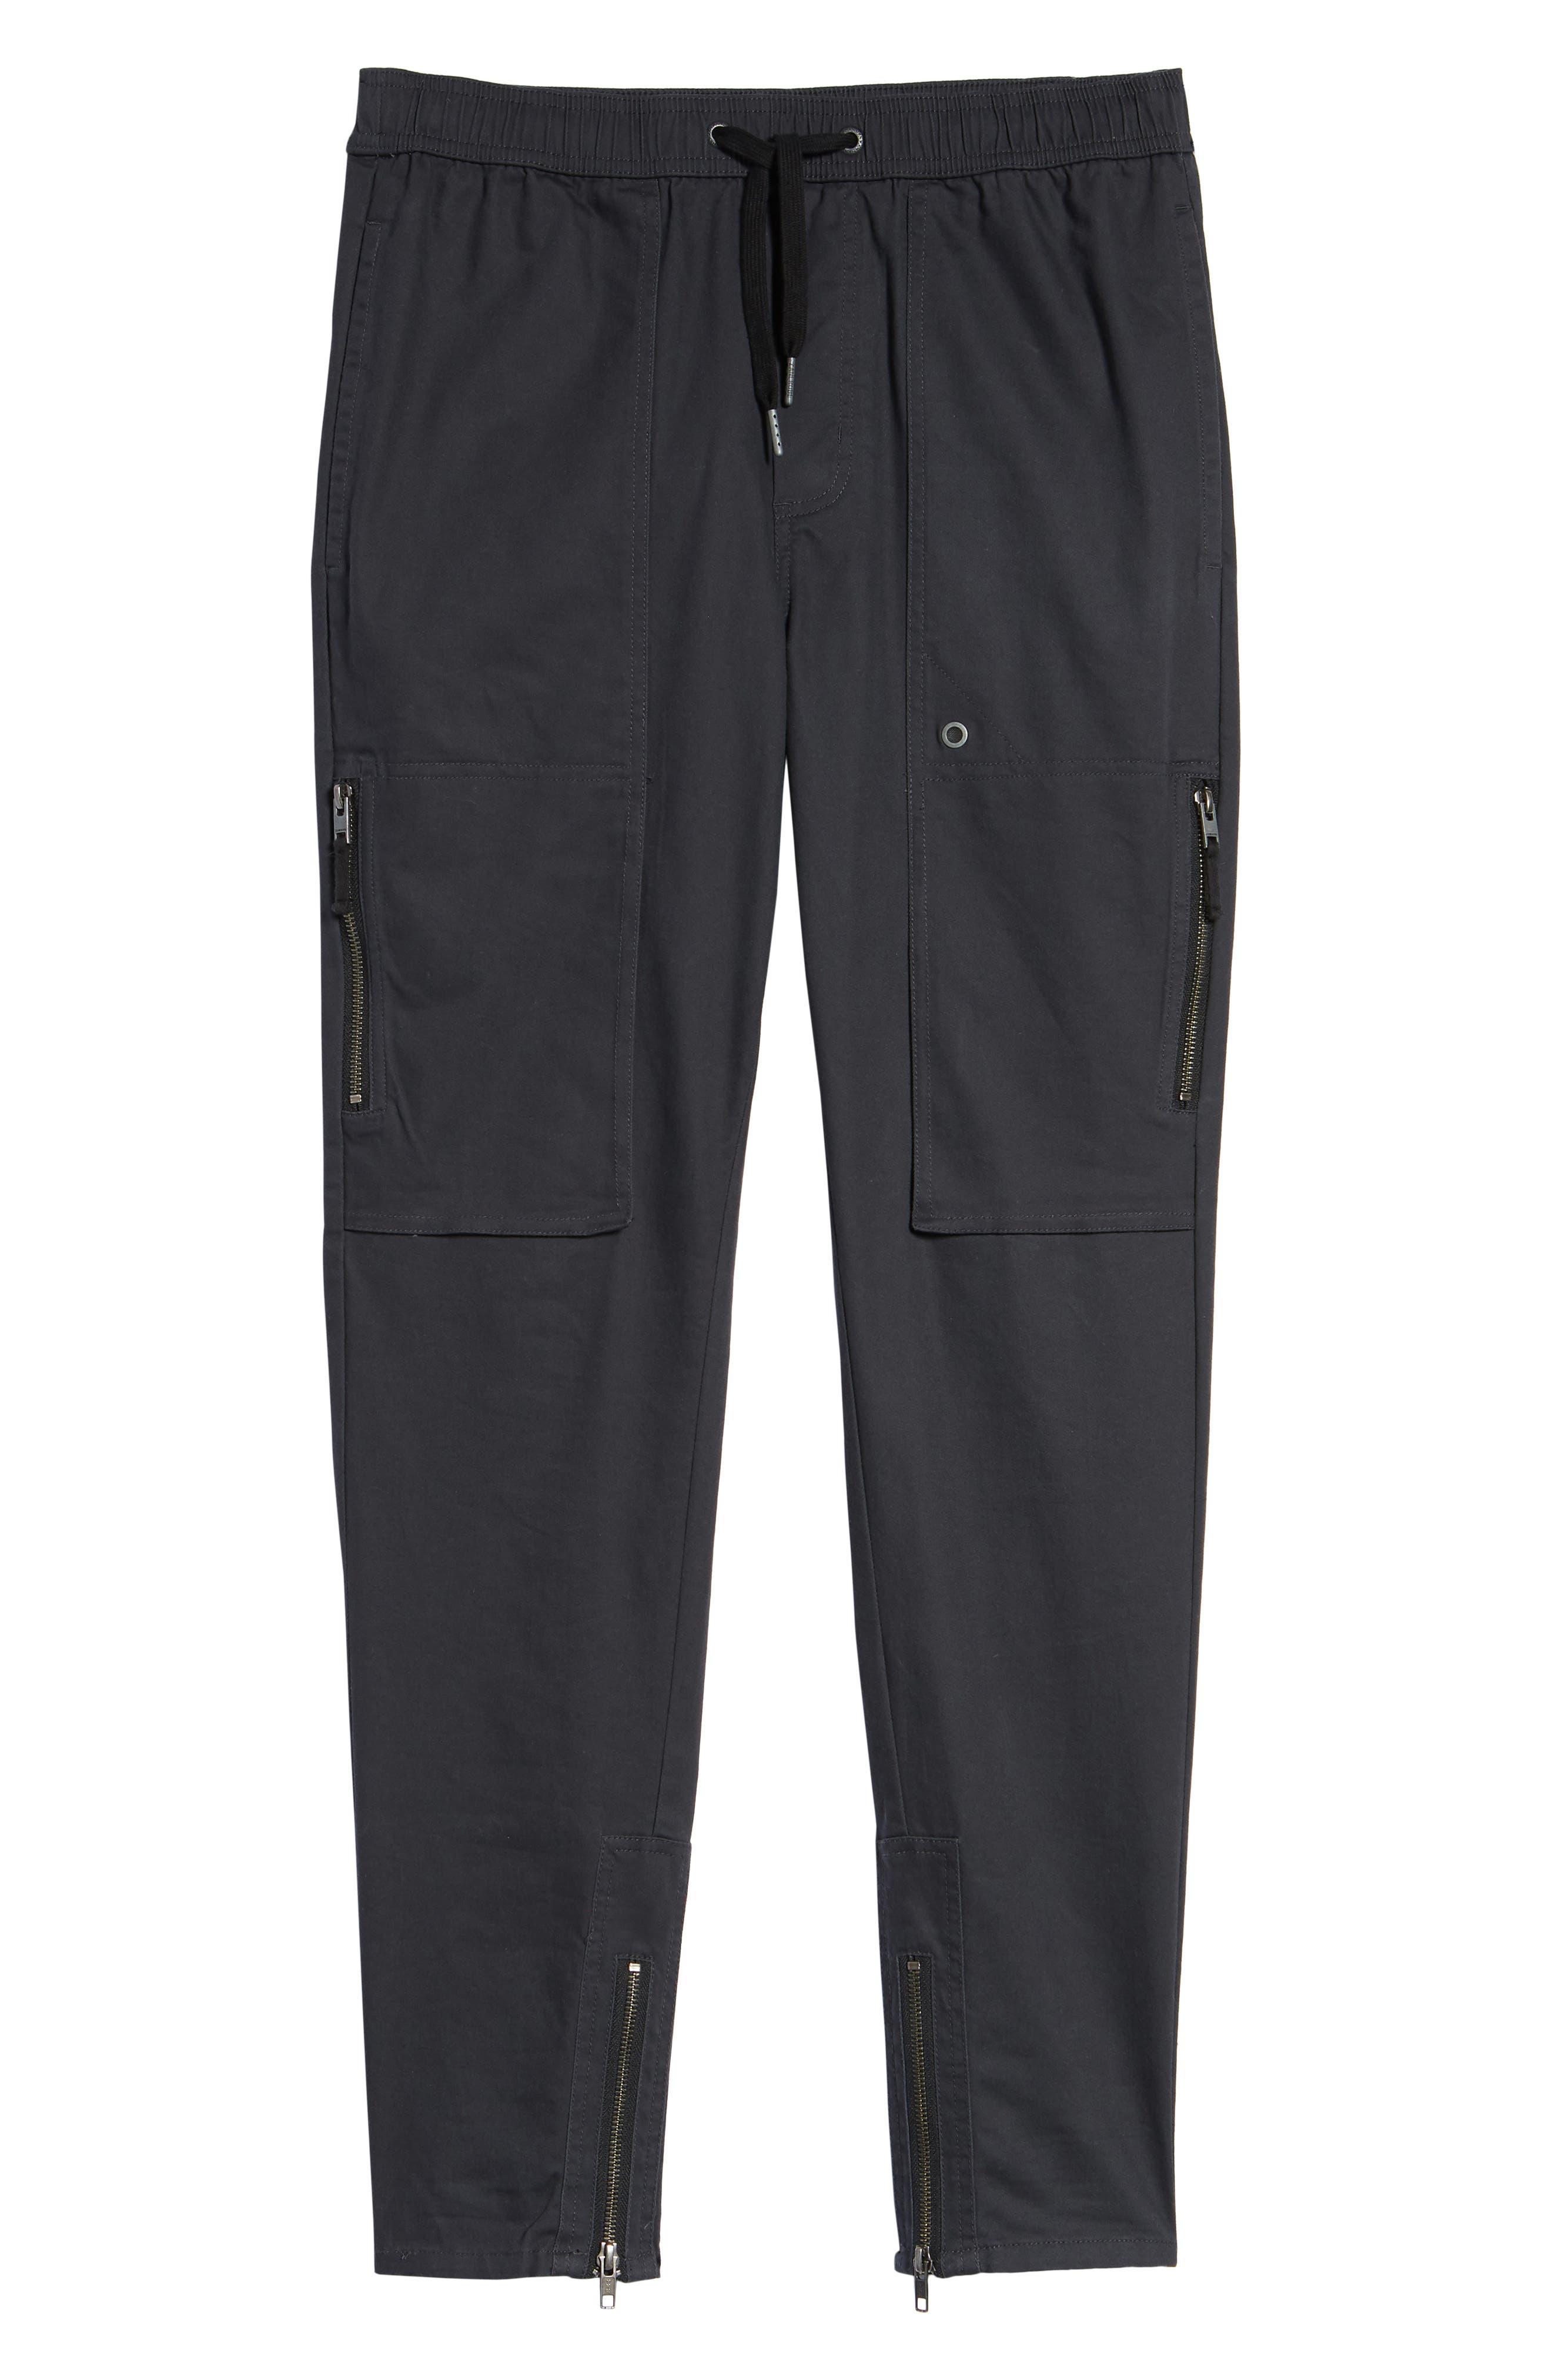 Blockshot Jogger Pants,                             Alternate thumbnail 6, color,                             Vintage Black/ Black